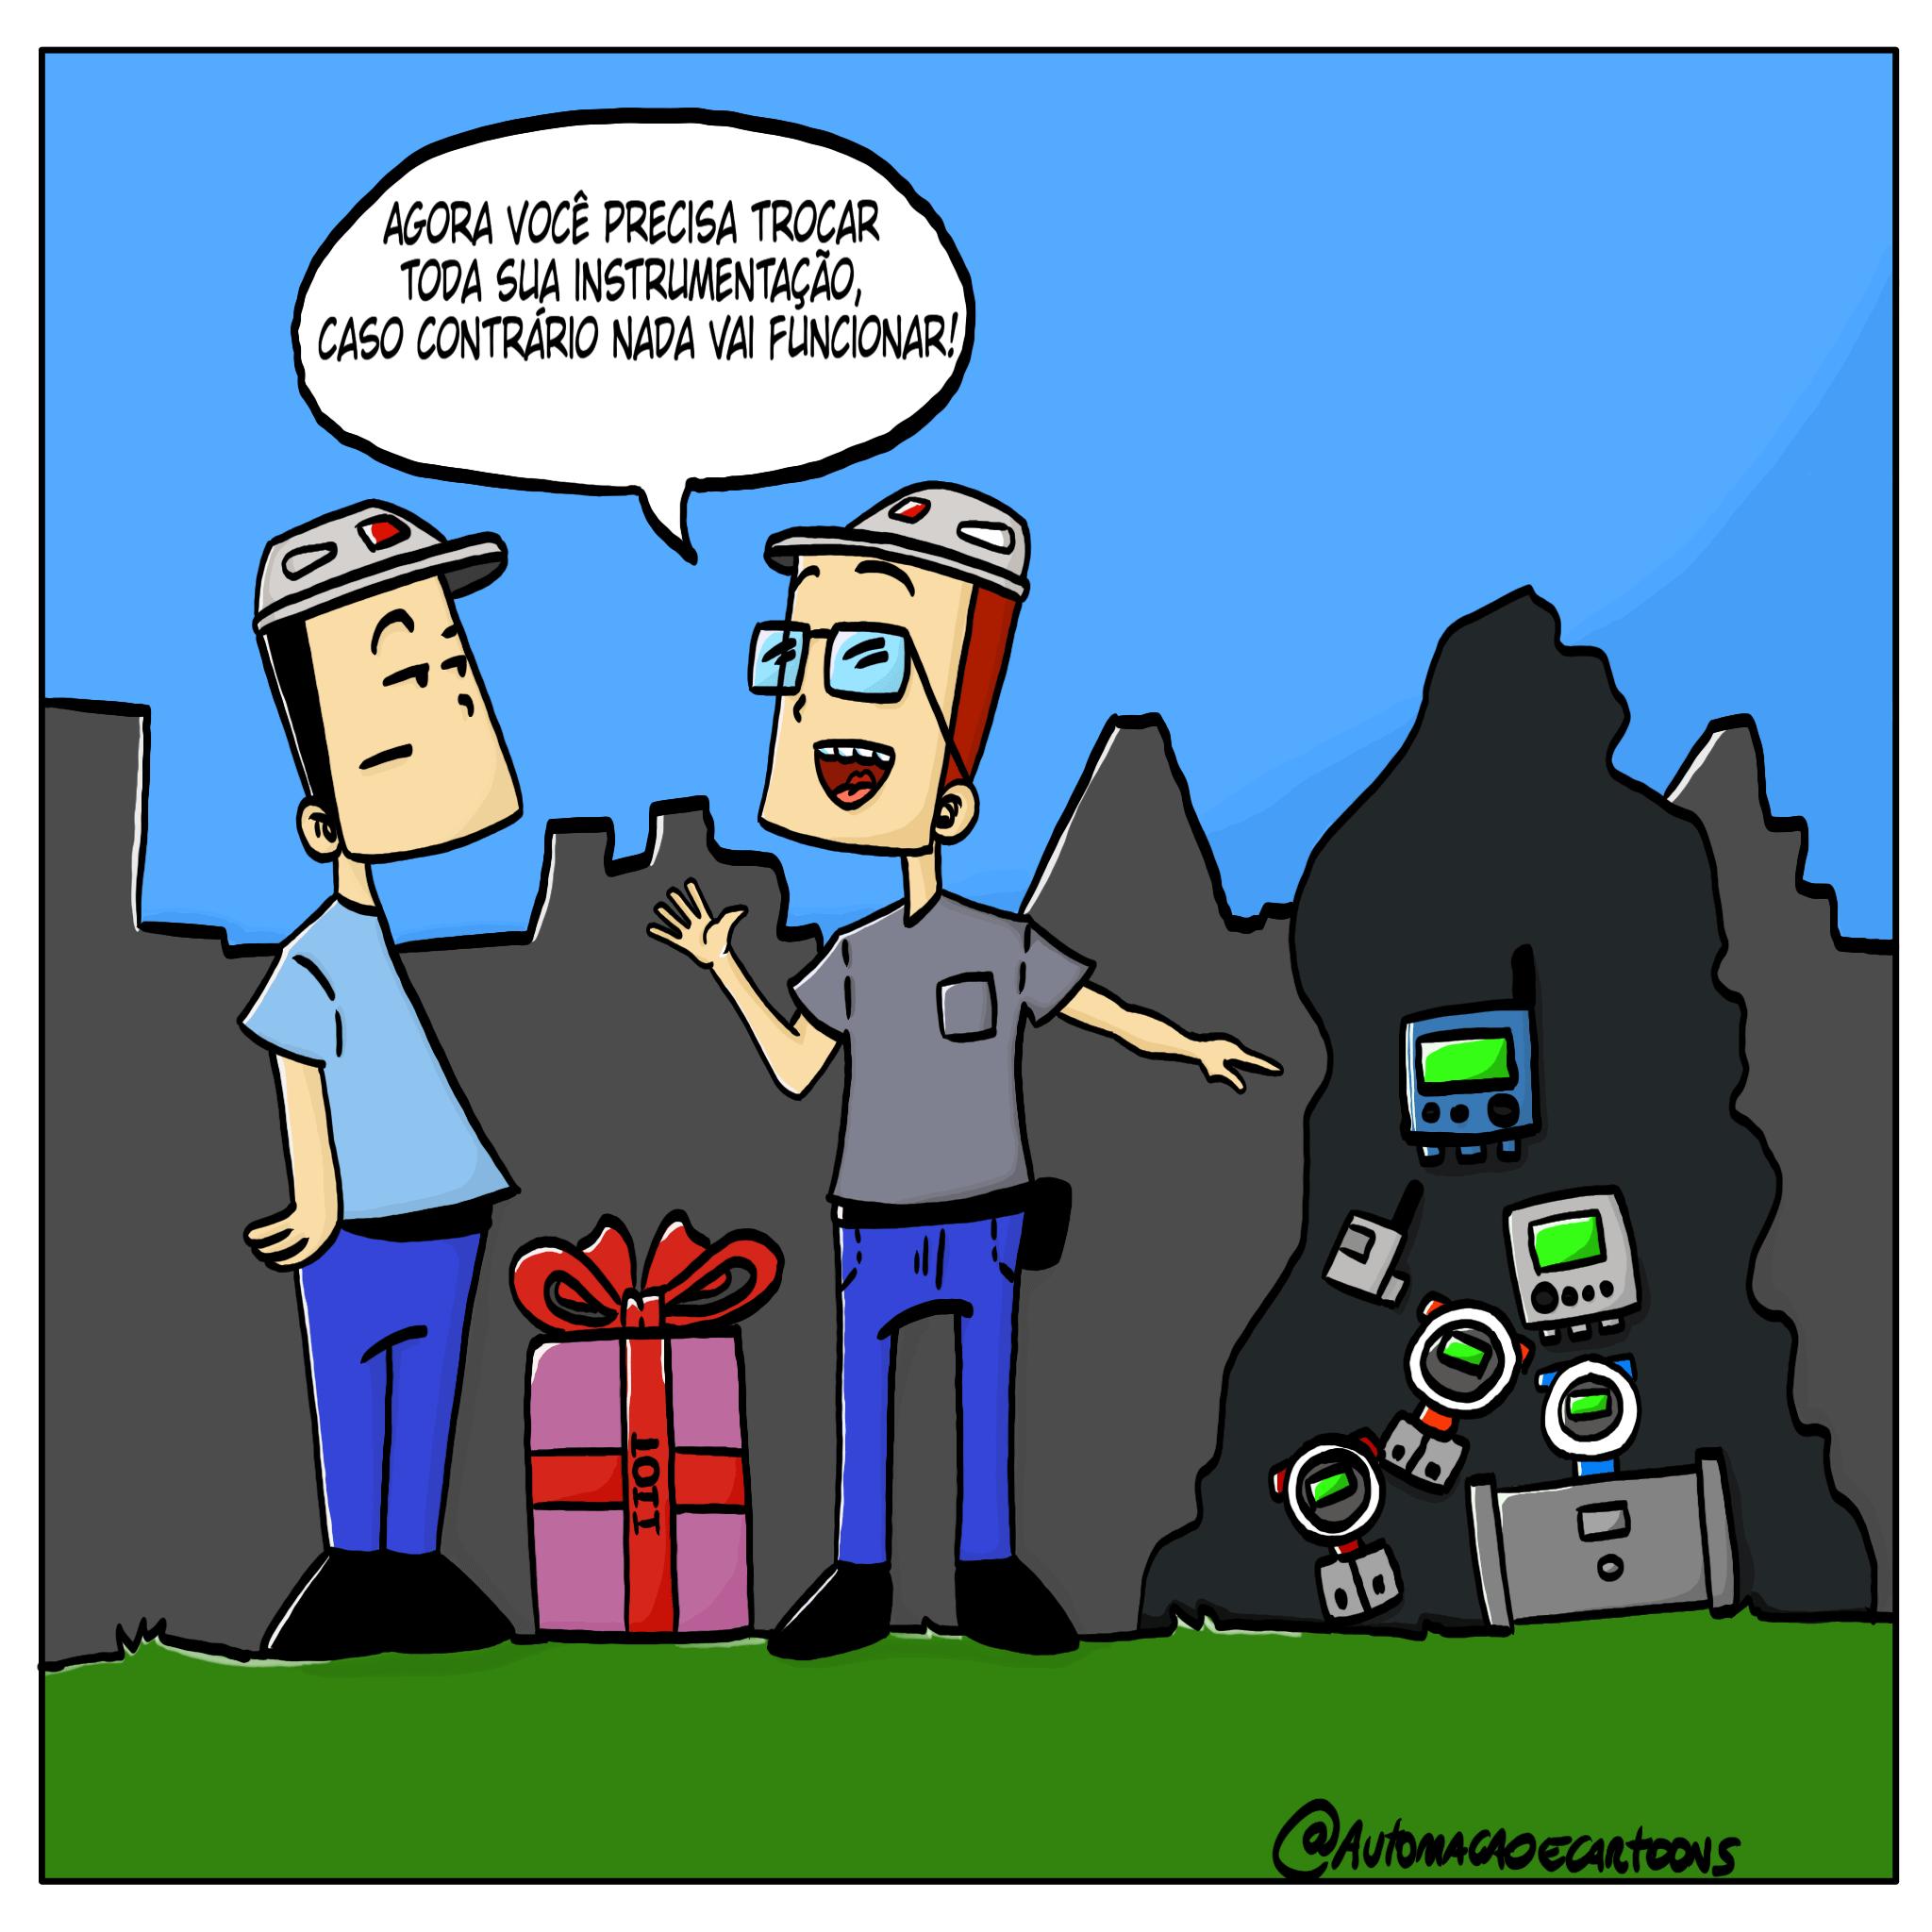 comprando-sistema-de-internet-das-coisas